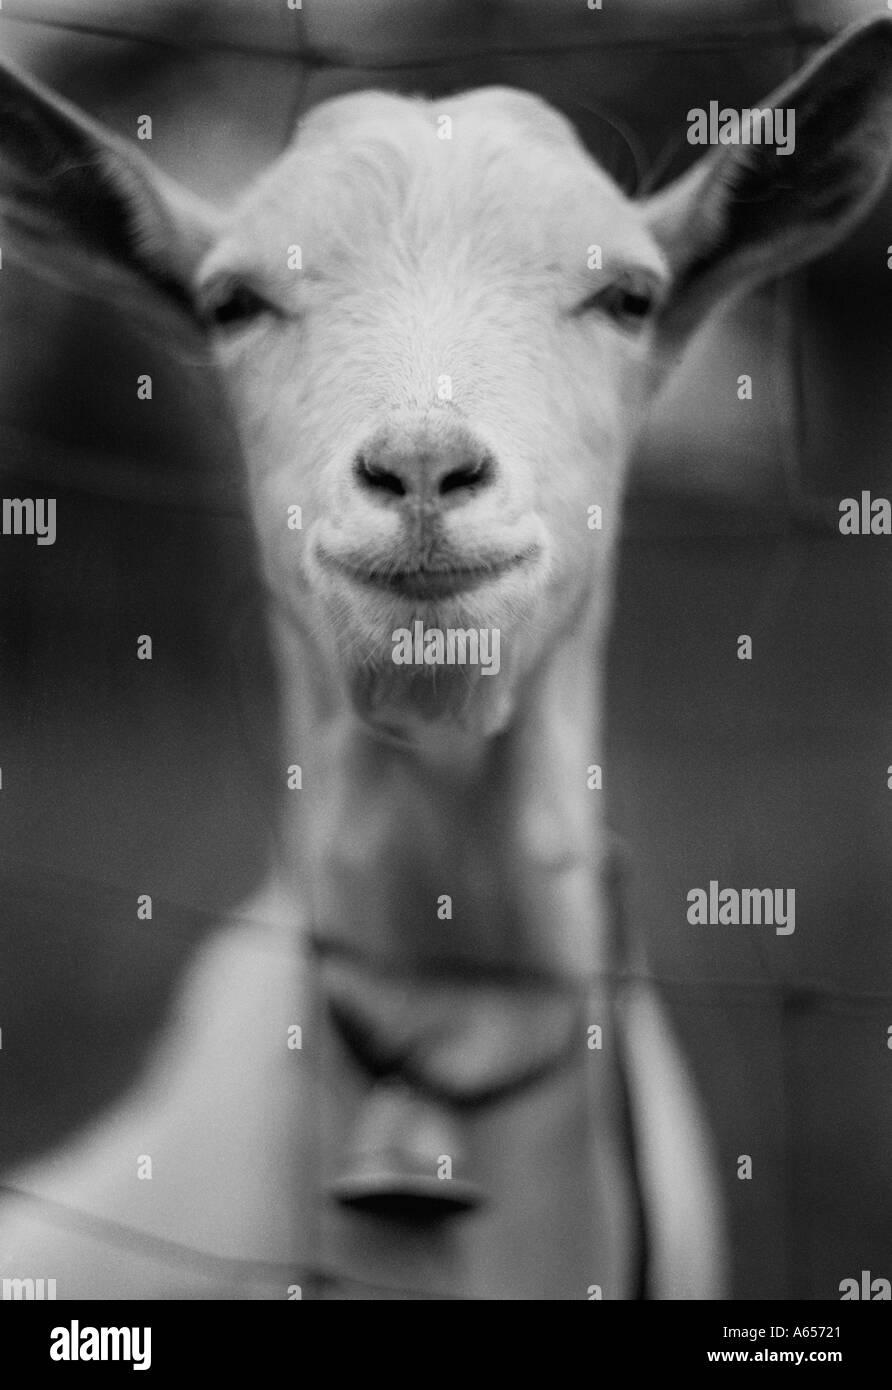 Goat - Stock Image